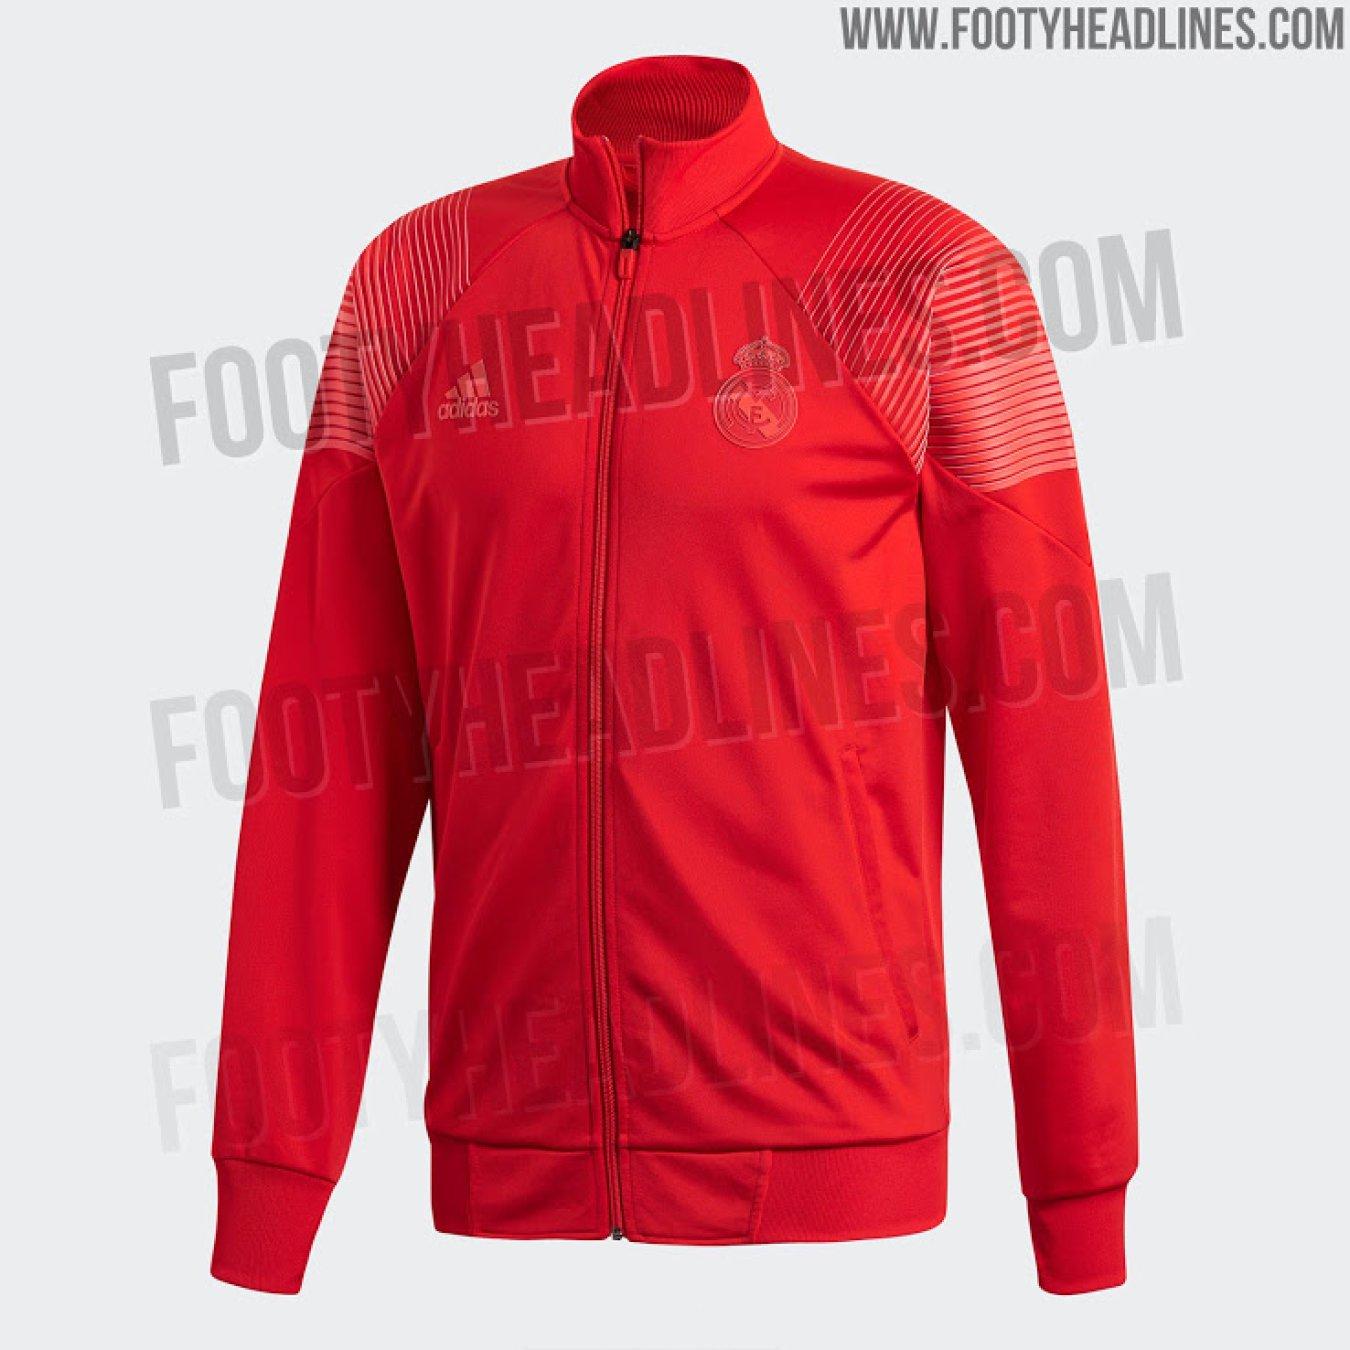 3d9480eb57eef La sudadera Adidas Tango roja que lucirá el Real Madrid durante la temporada  2018-2019.